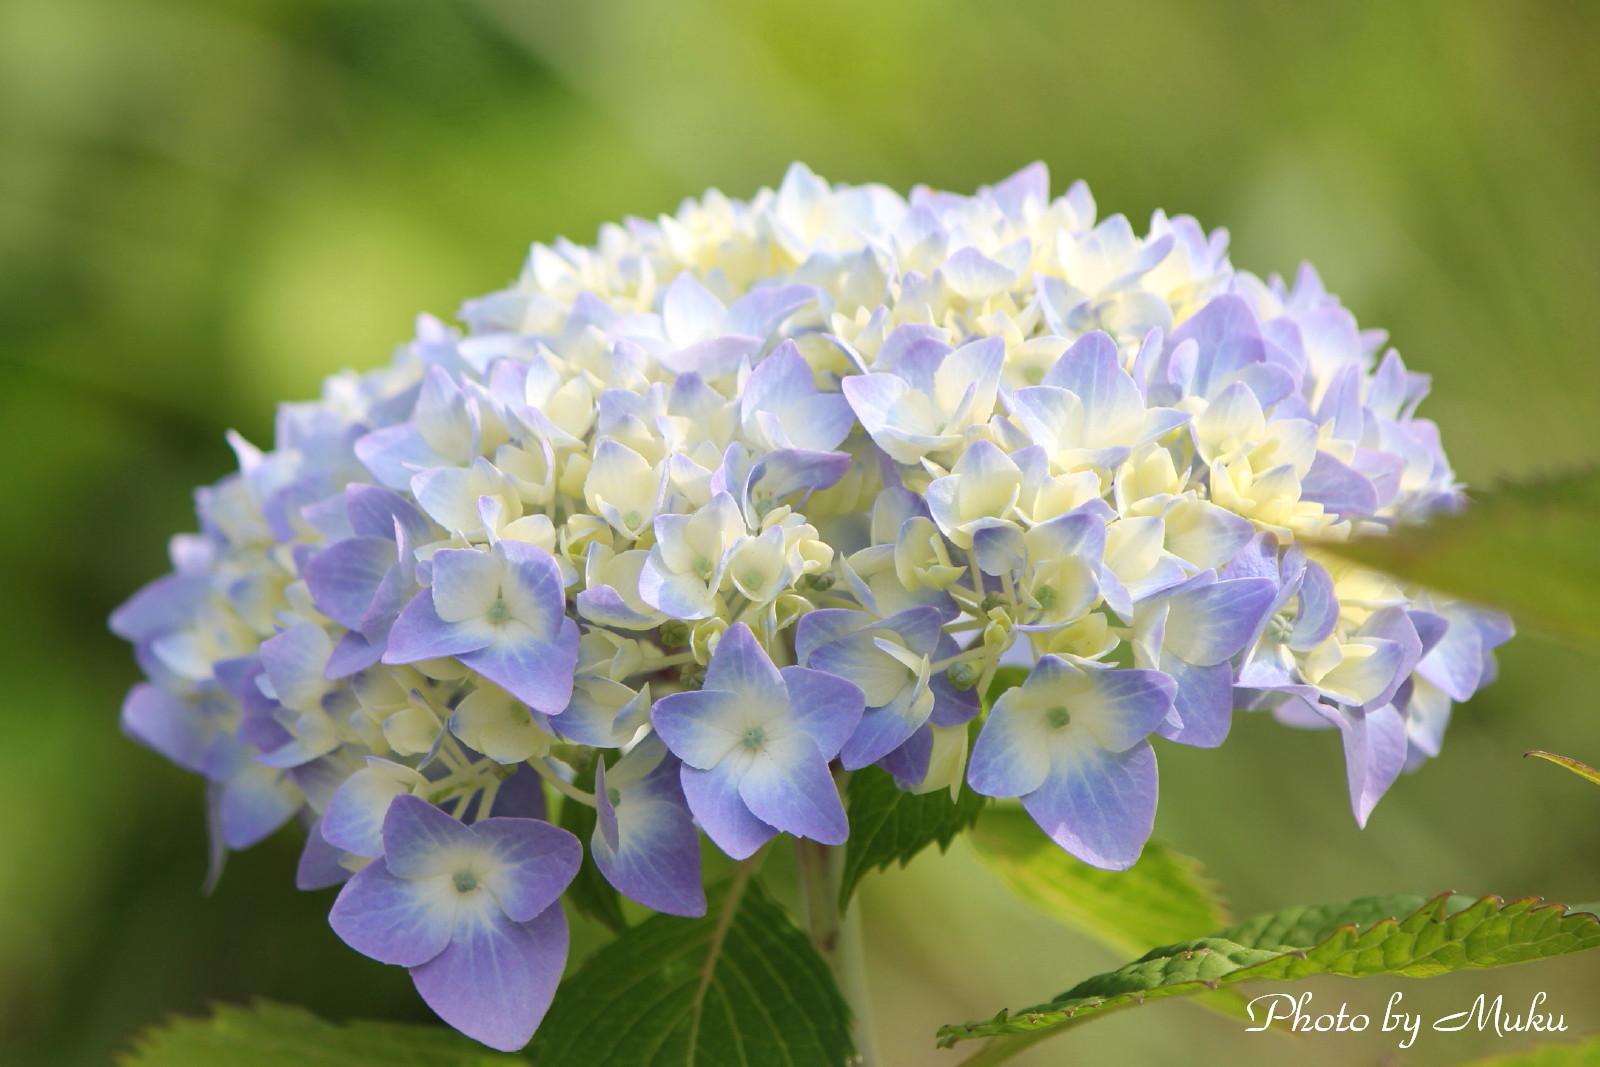 2014/05/25 薄あじさい(くりはま花の国:神奈川県横須賀市)